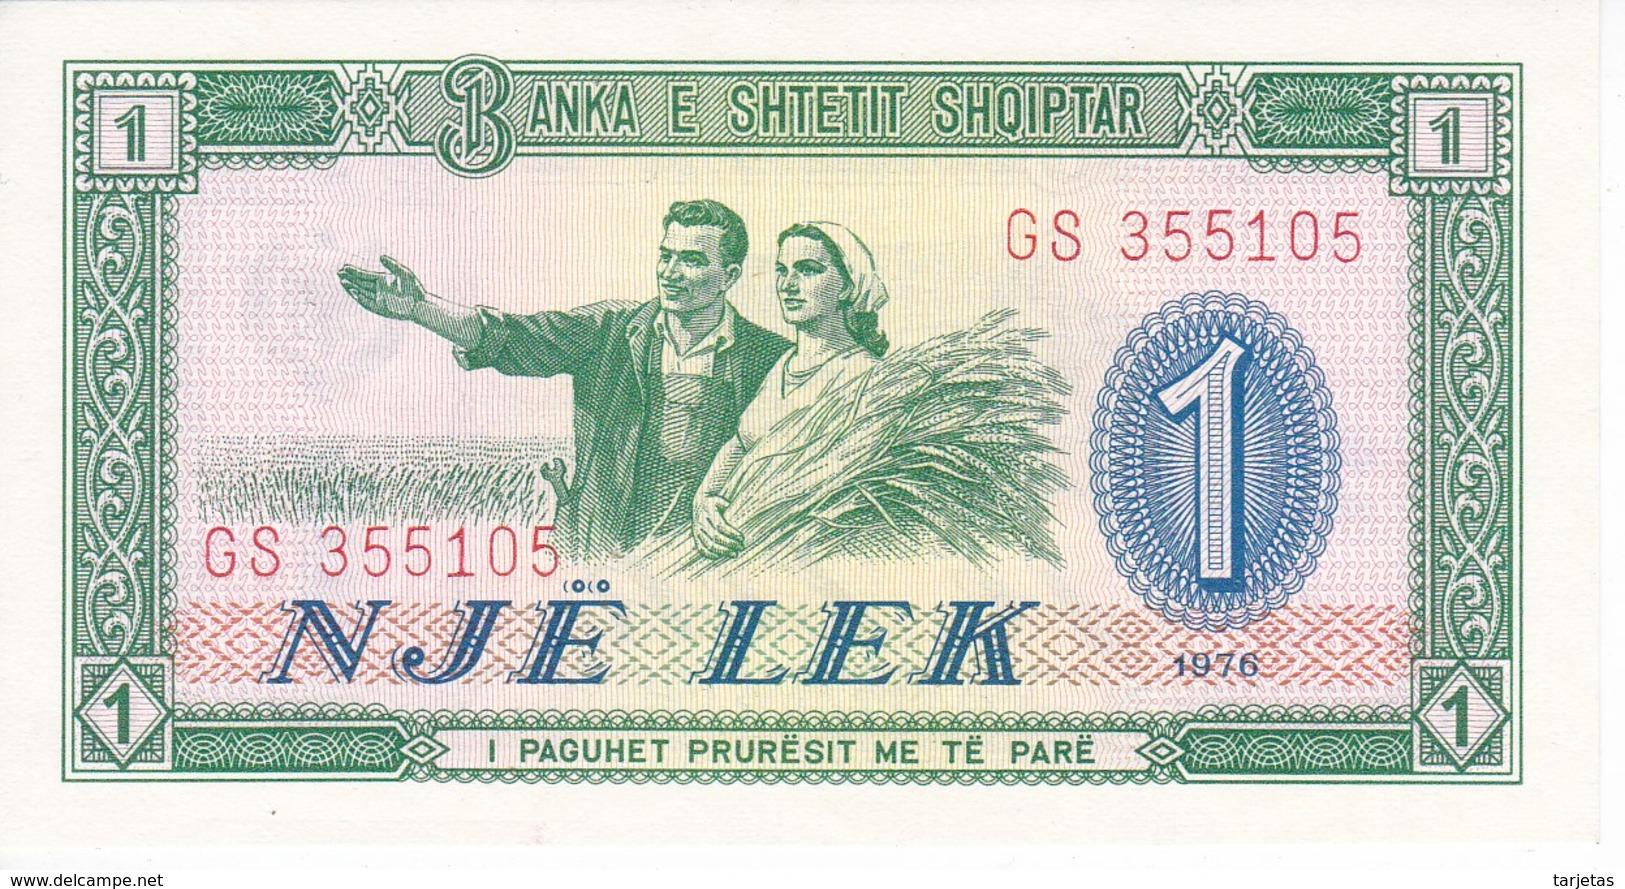 BILLETE DE ALBANIA DE 1 LEK DEL AÑO 1976 EN CALIDAD EBC (XF) (BANKNOTE) - Albania